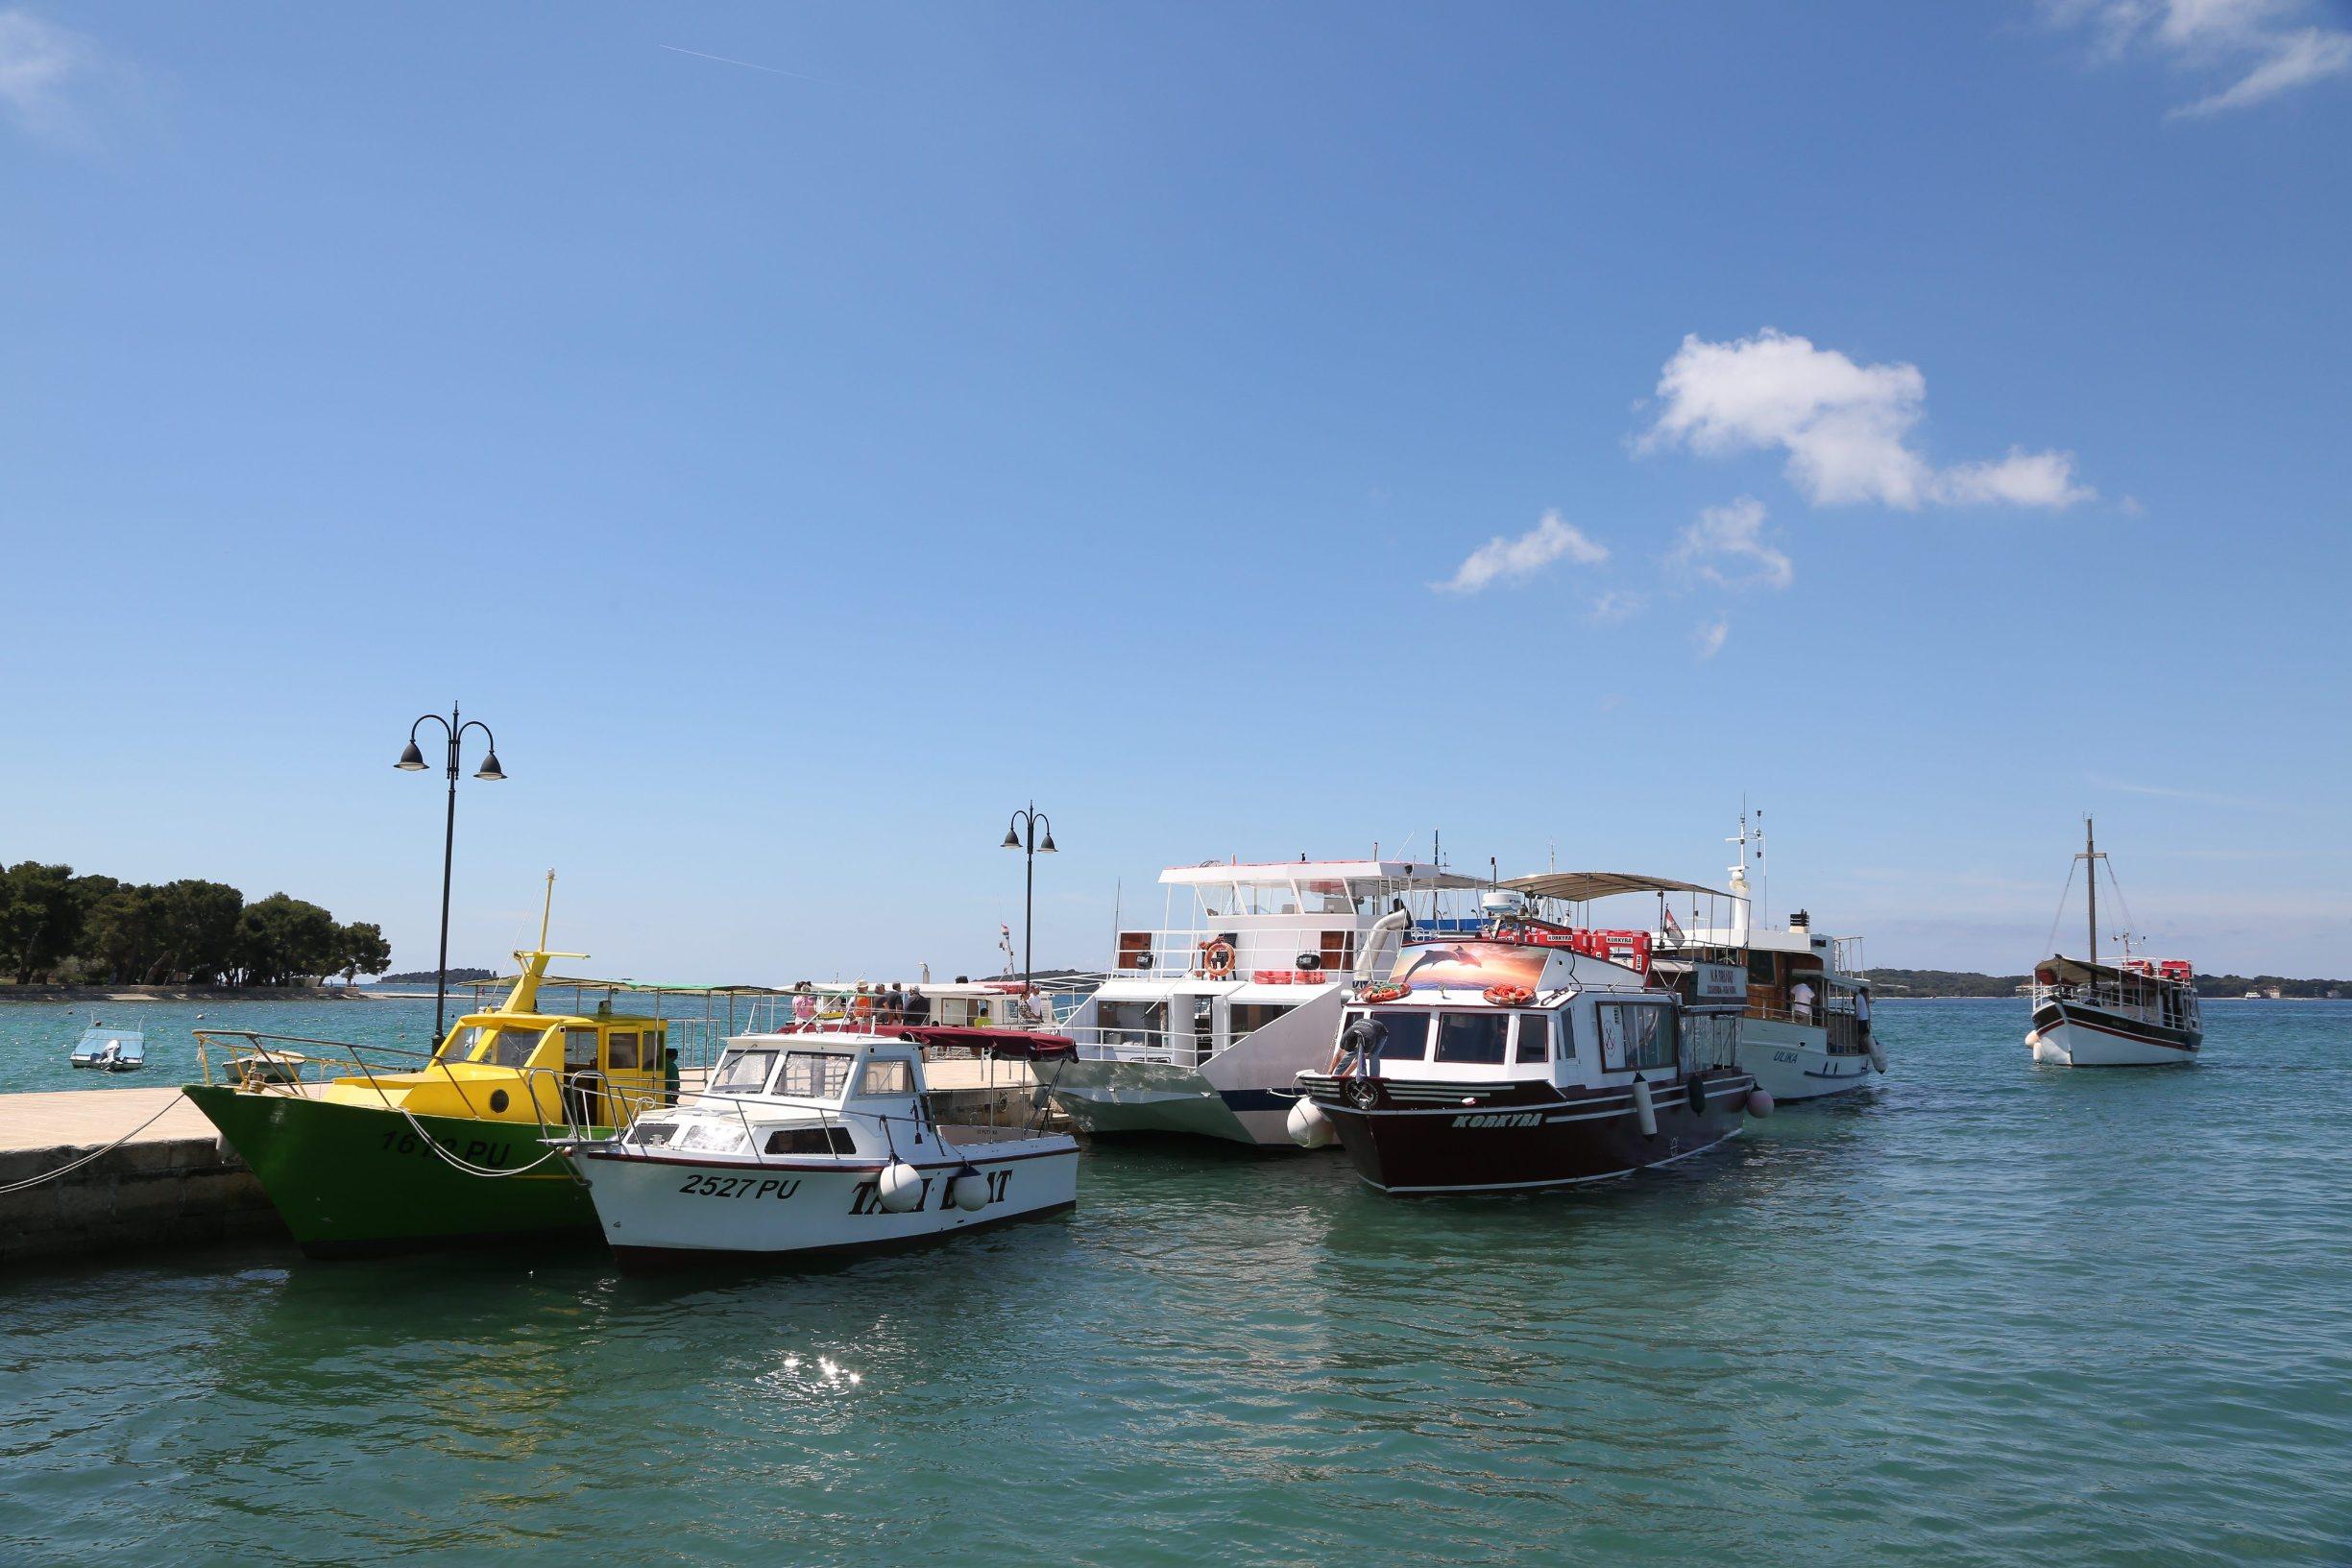 Fazana, 120620. Prosvjed malih brodara zbog naplate voznje u vodama Nacionalnog parka Brijuni. Foto: Goran Sebelic / CROPIX